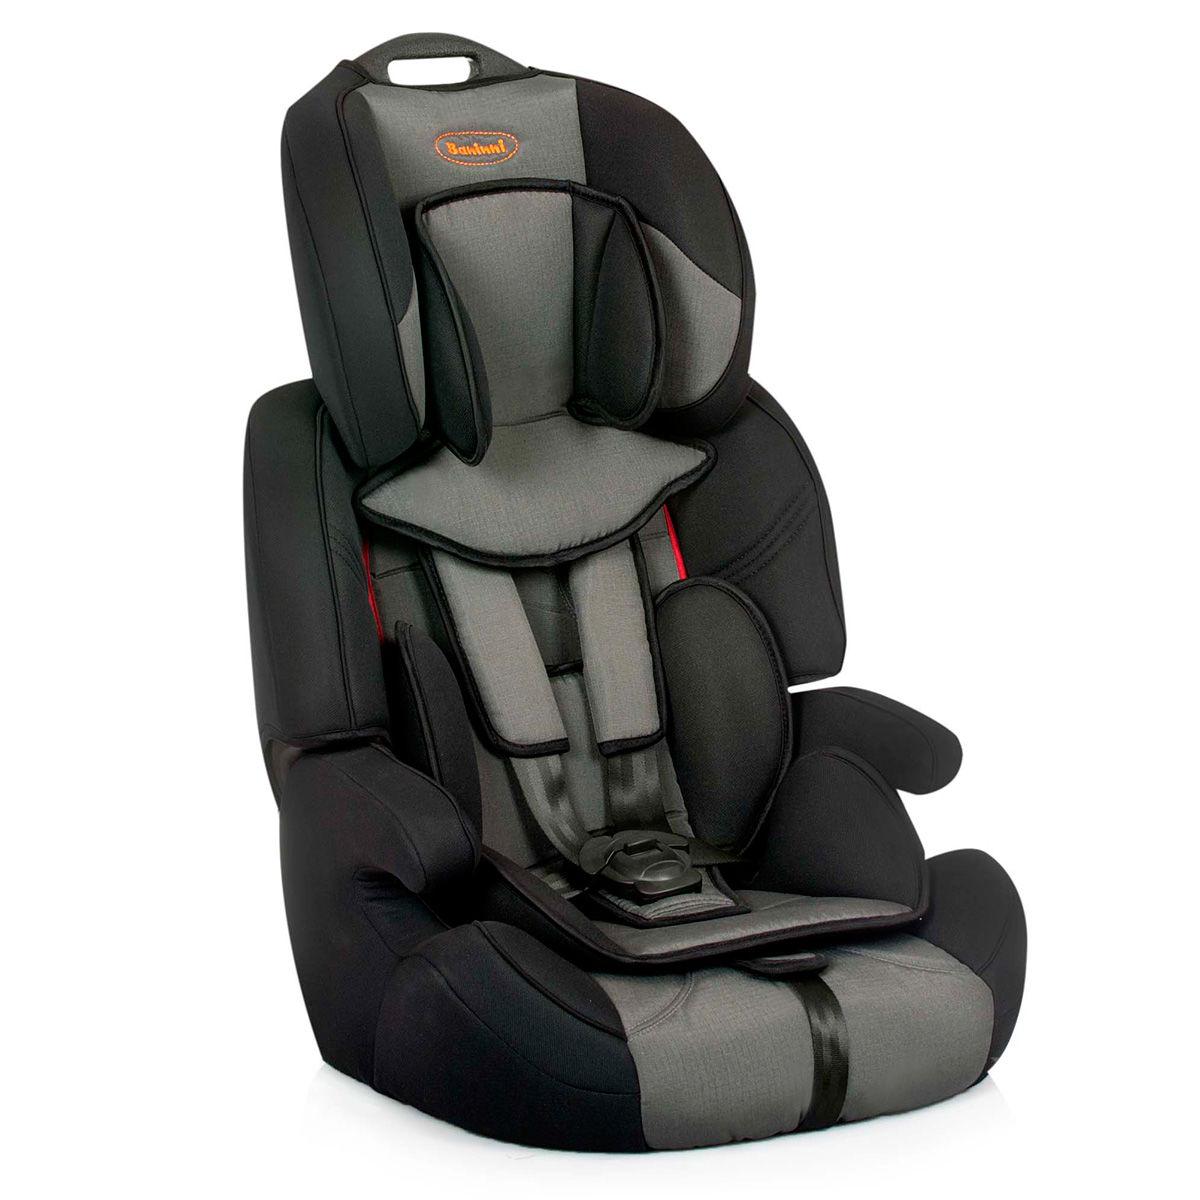 Afbeelding van Autostoel Baninni Pedro Grijs-Zwart BN517 (9-36kg)